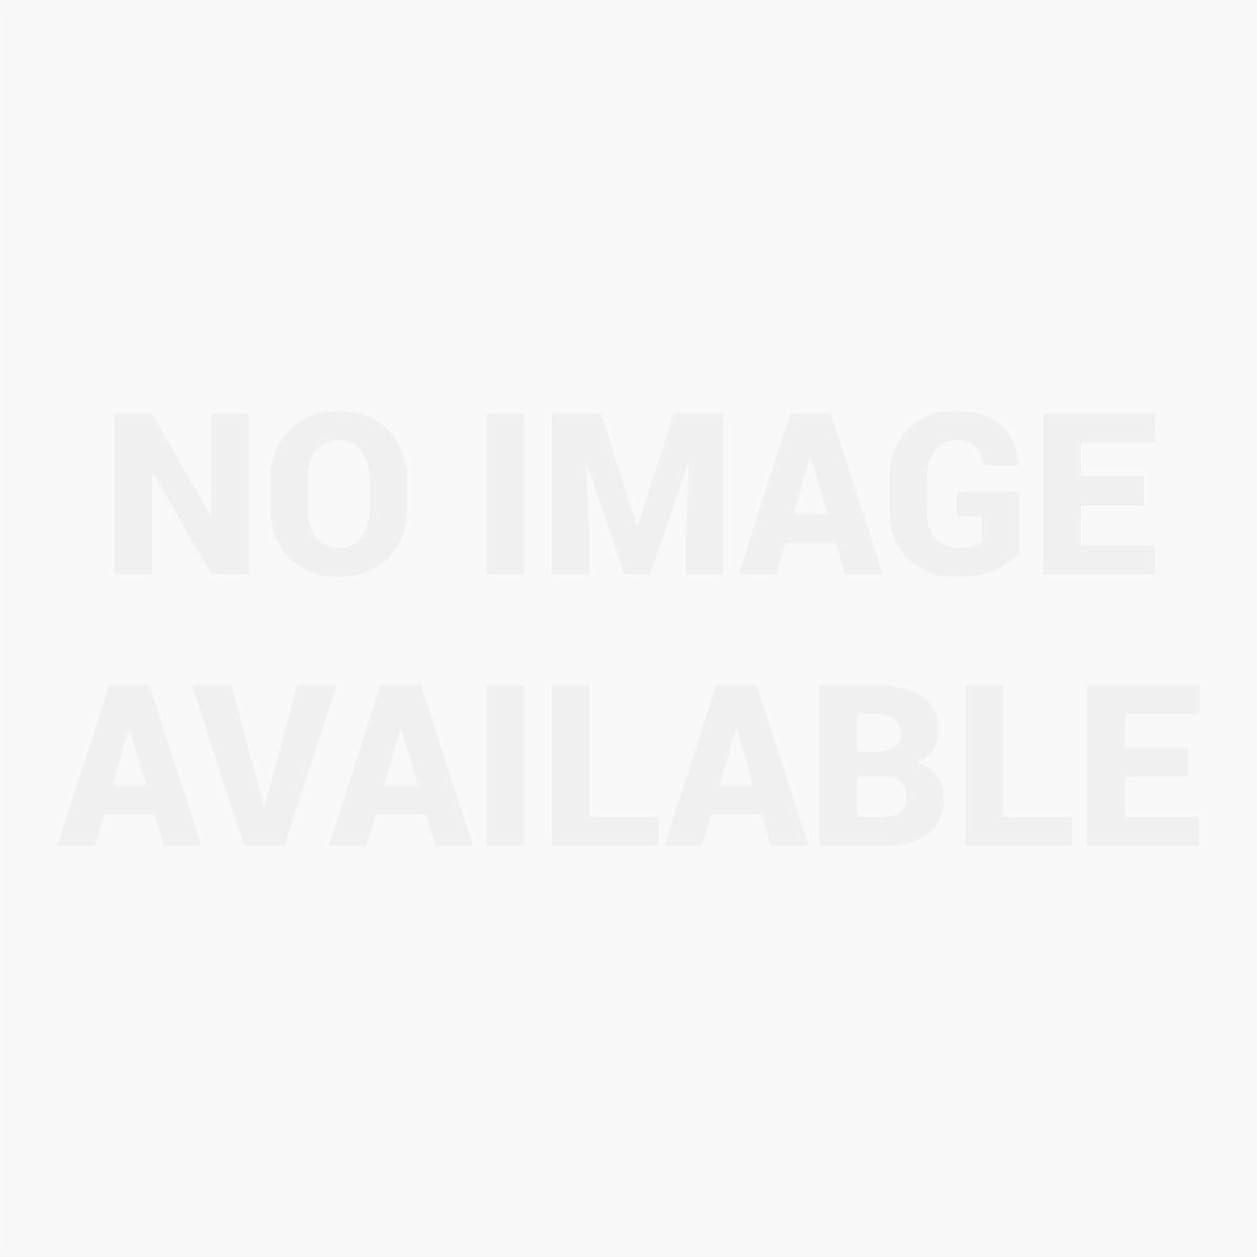 コピー小売ボックスアジェンダ サロンコンセプト シザーセーフ 4ペア キューブ[海外直送品] [並行輸入品]